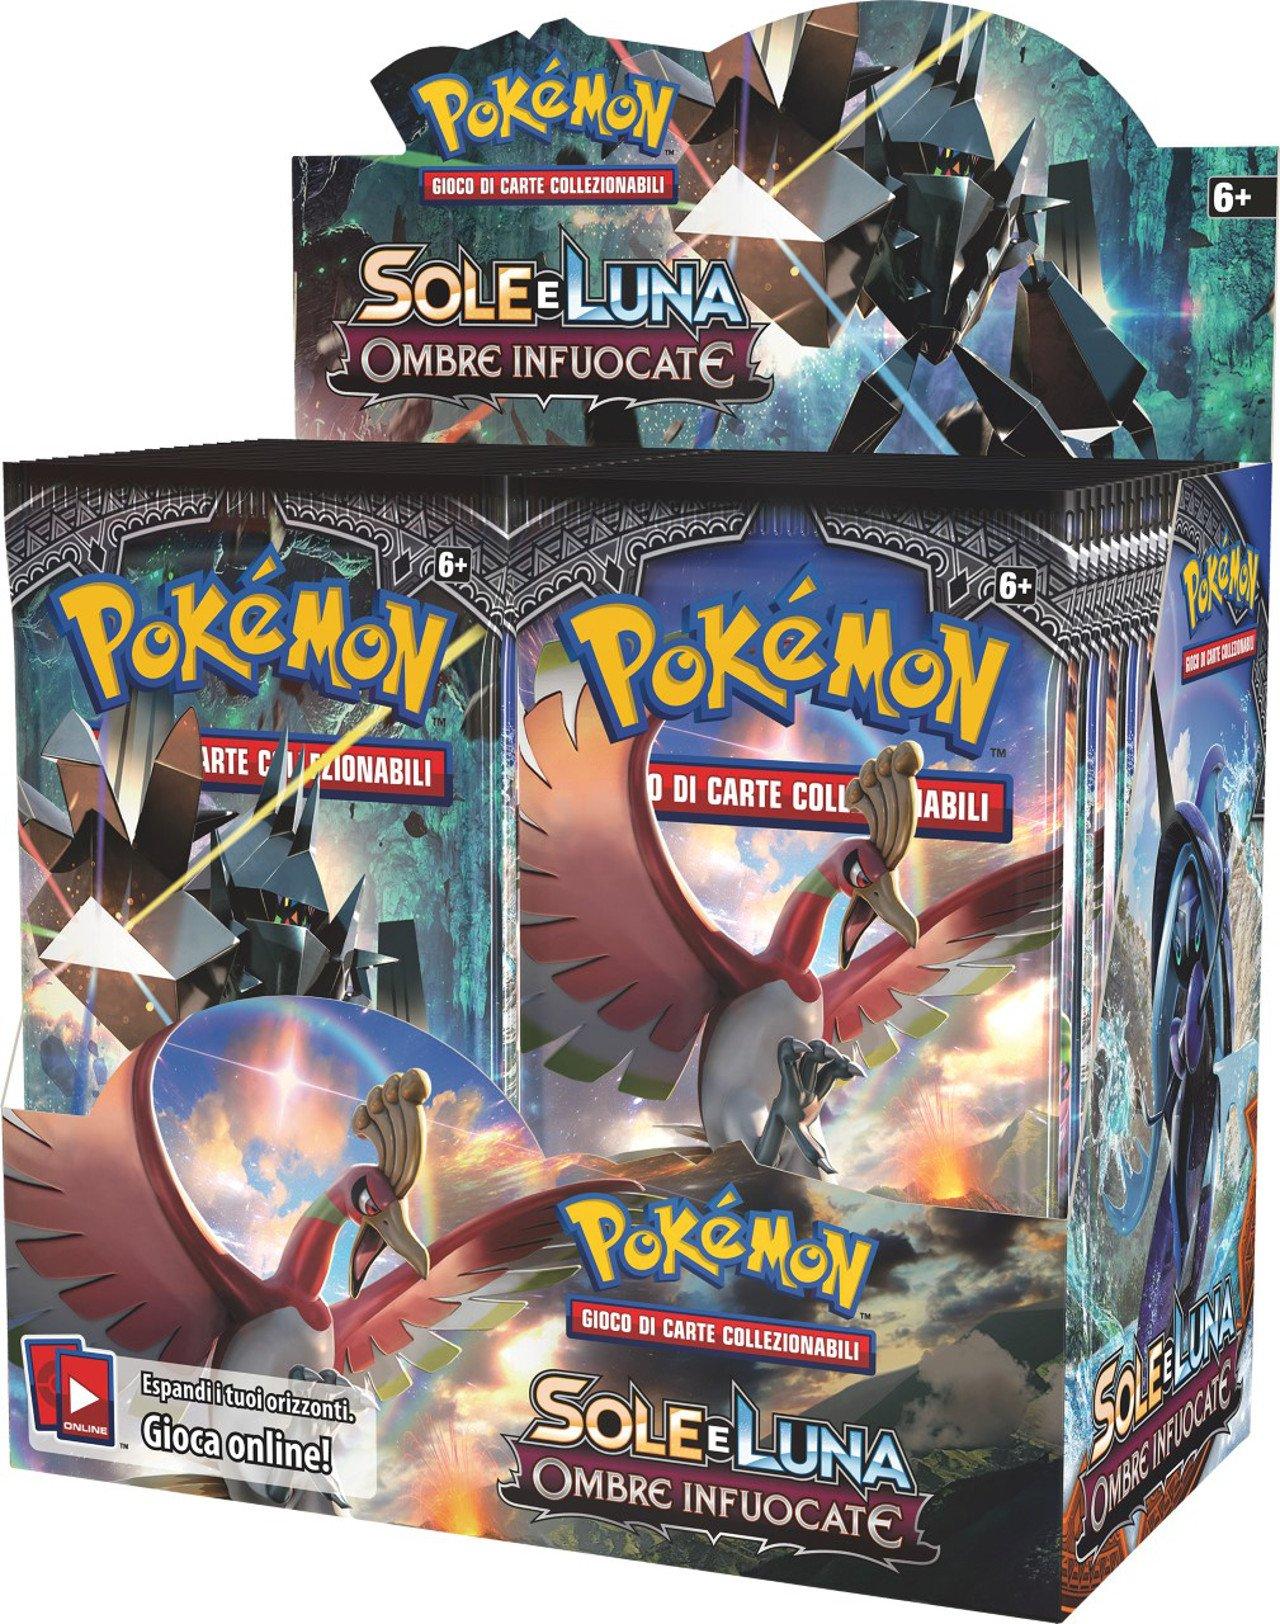 Pokémon Sole e Luna GCC, disponibile l'espansione Ombre Infuocate